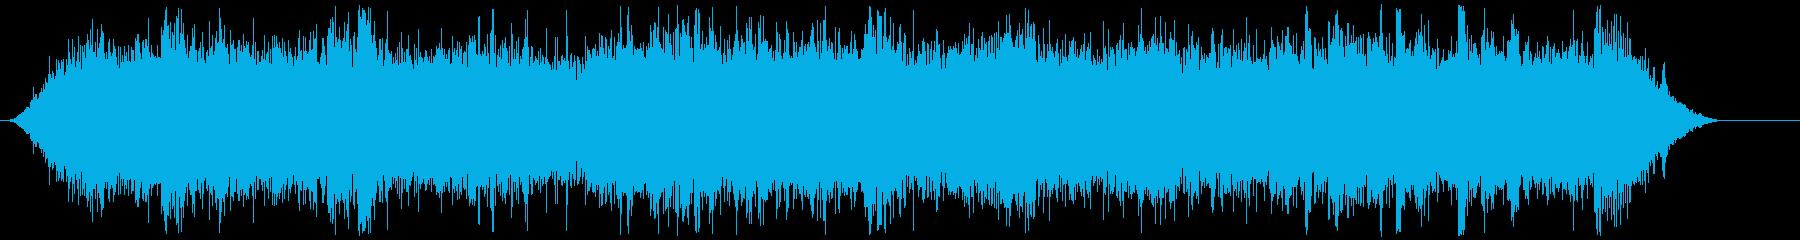 ブルズ・ア・ポルタ・ガヨラの再生済みの波形